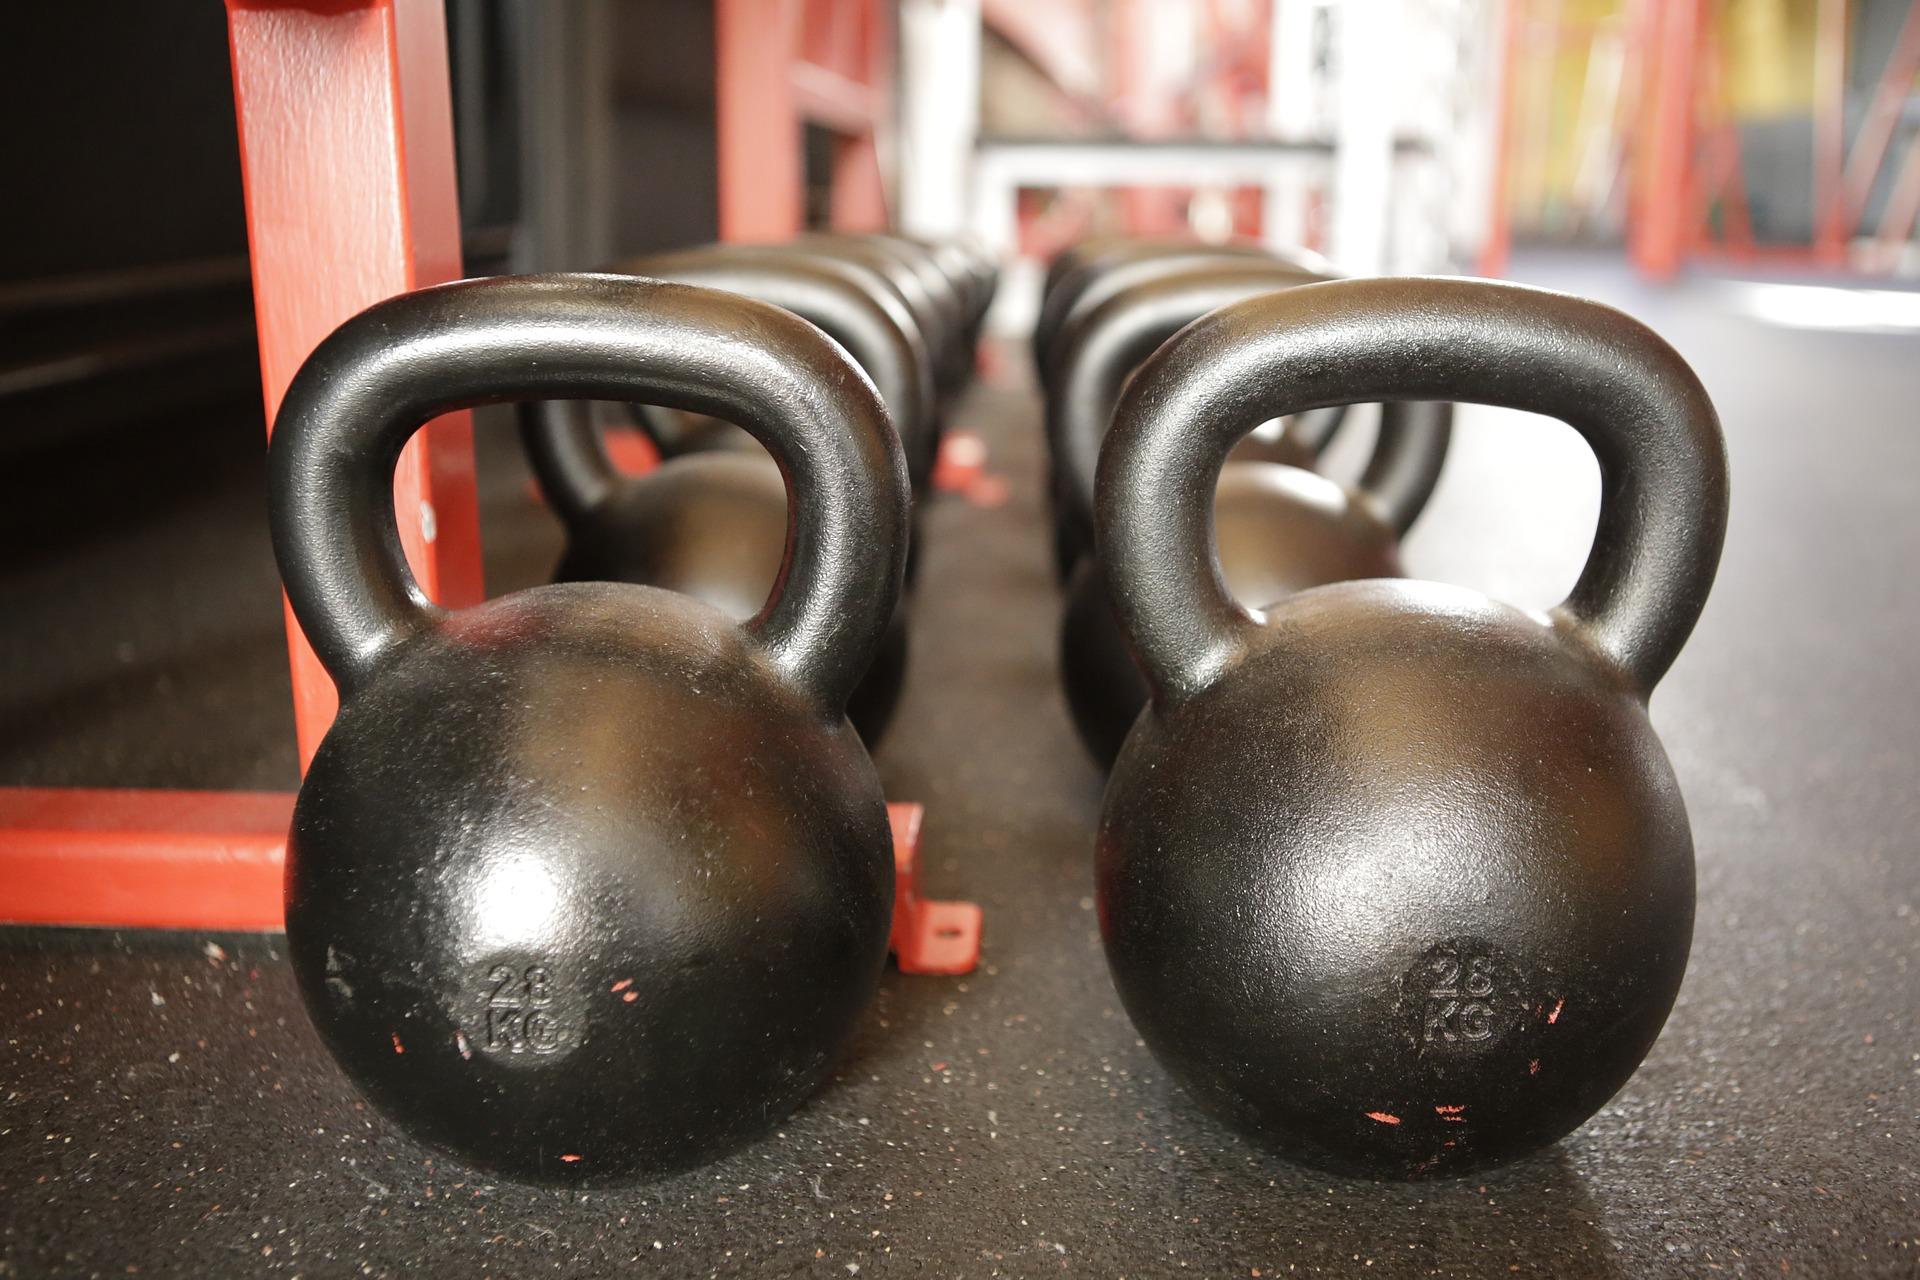 6 упражнений, которые изменят ваше тело (фото) картинки